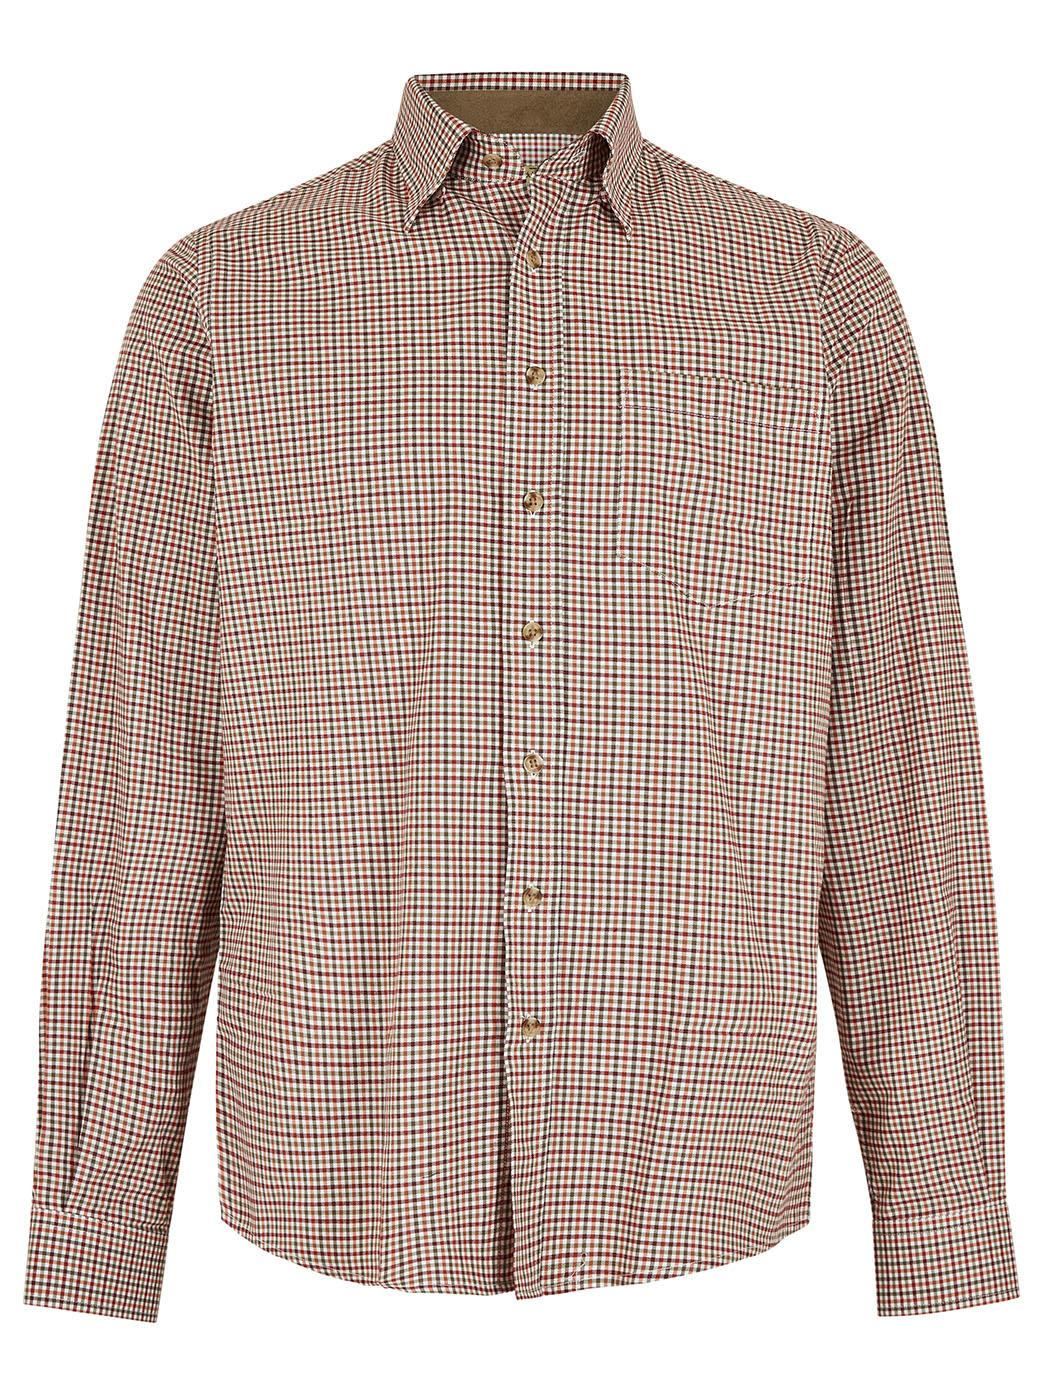 Dubarry Shrewsbury Katoenen Shirt - Ruby-1